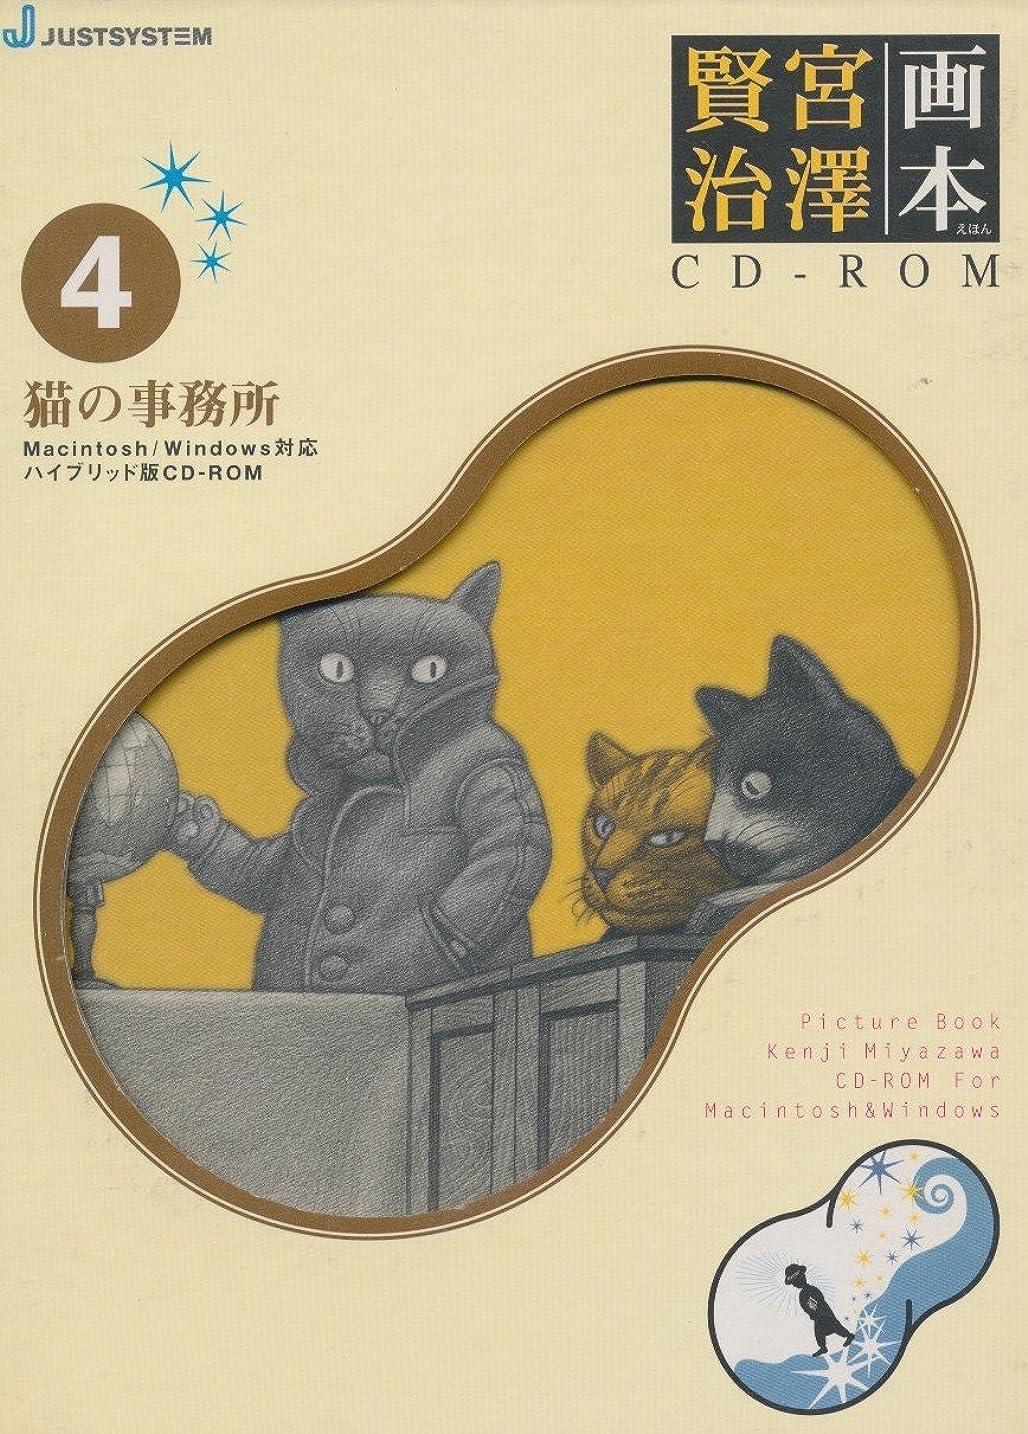 シャワーマルコポーロびっくりする画本 宮沢賢治 猫の事務所